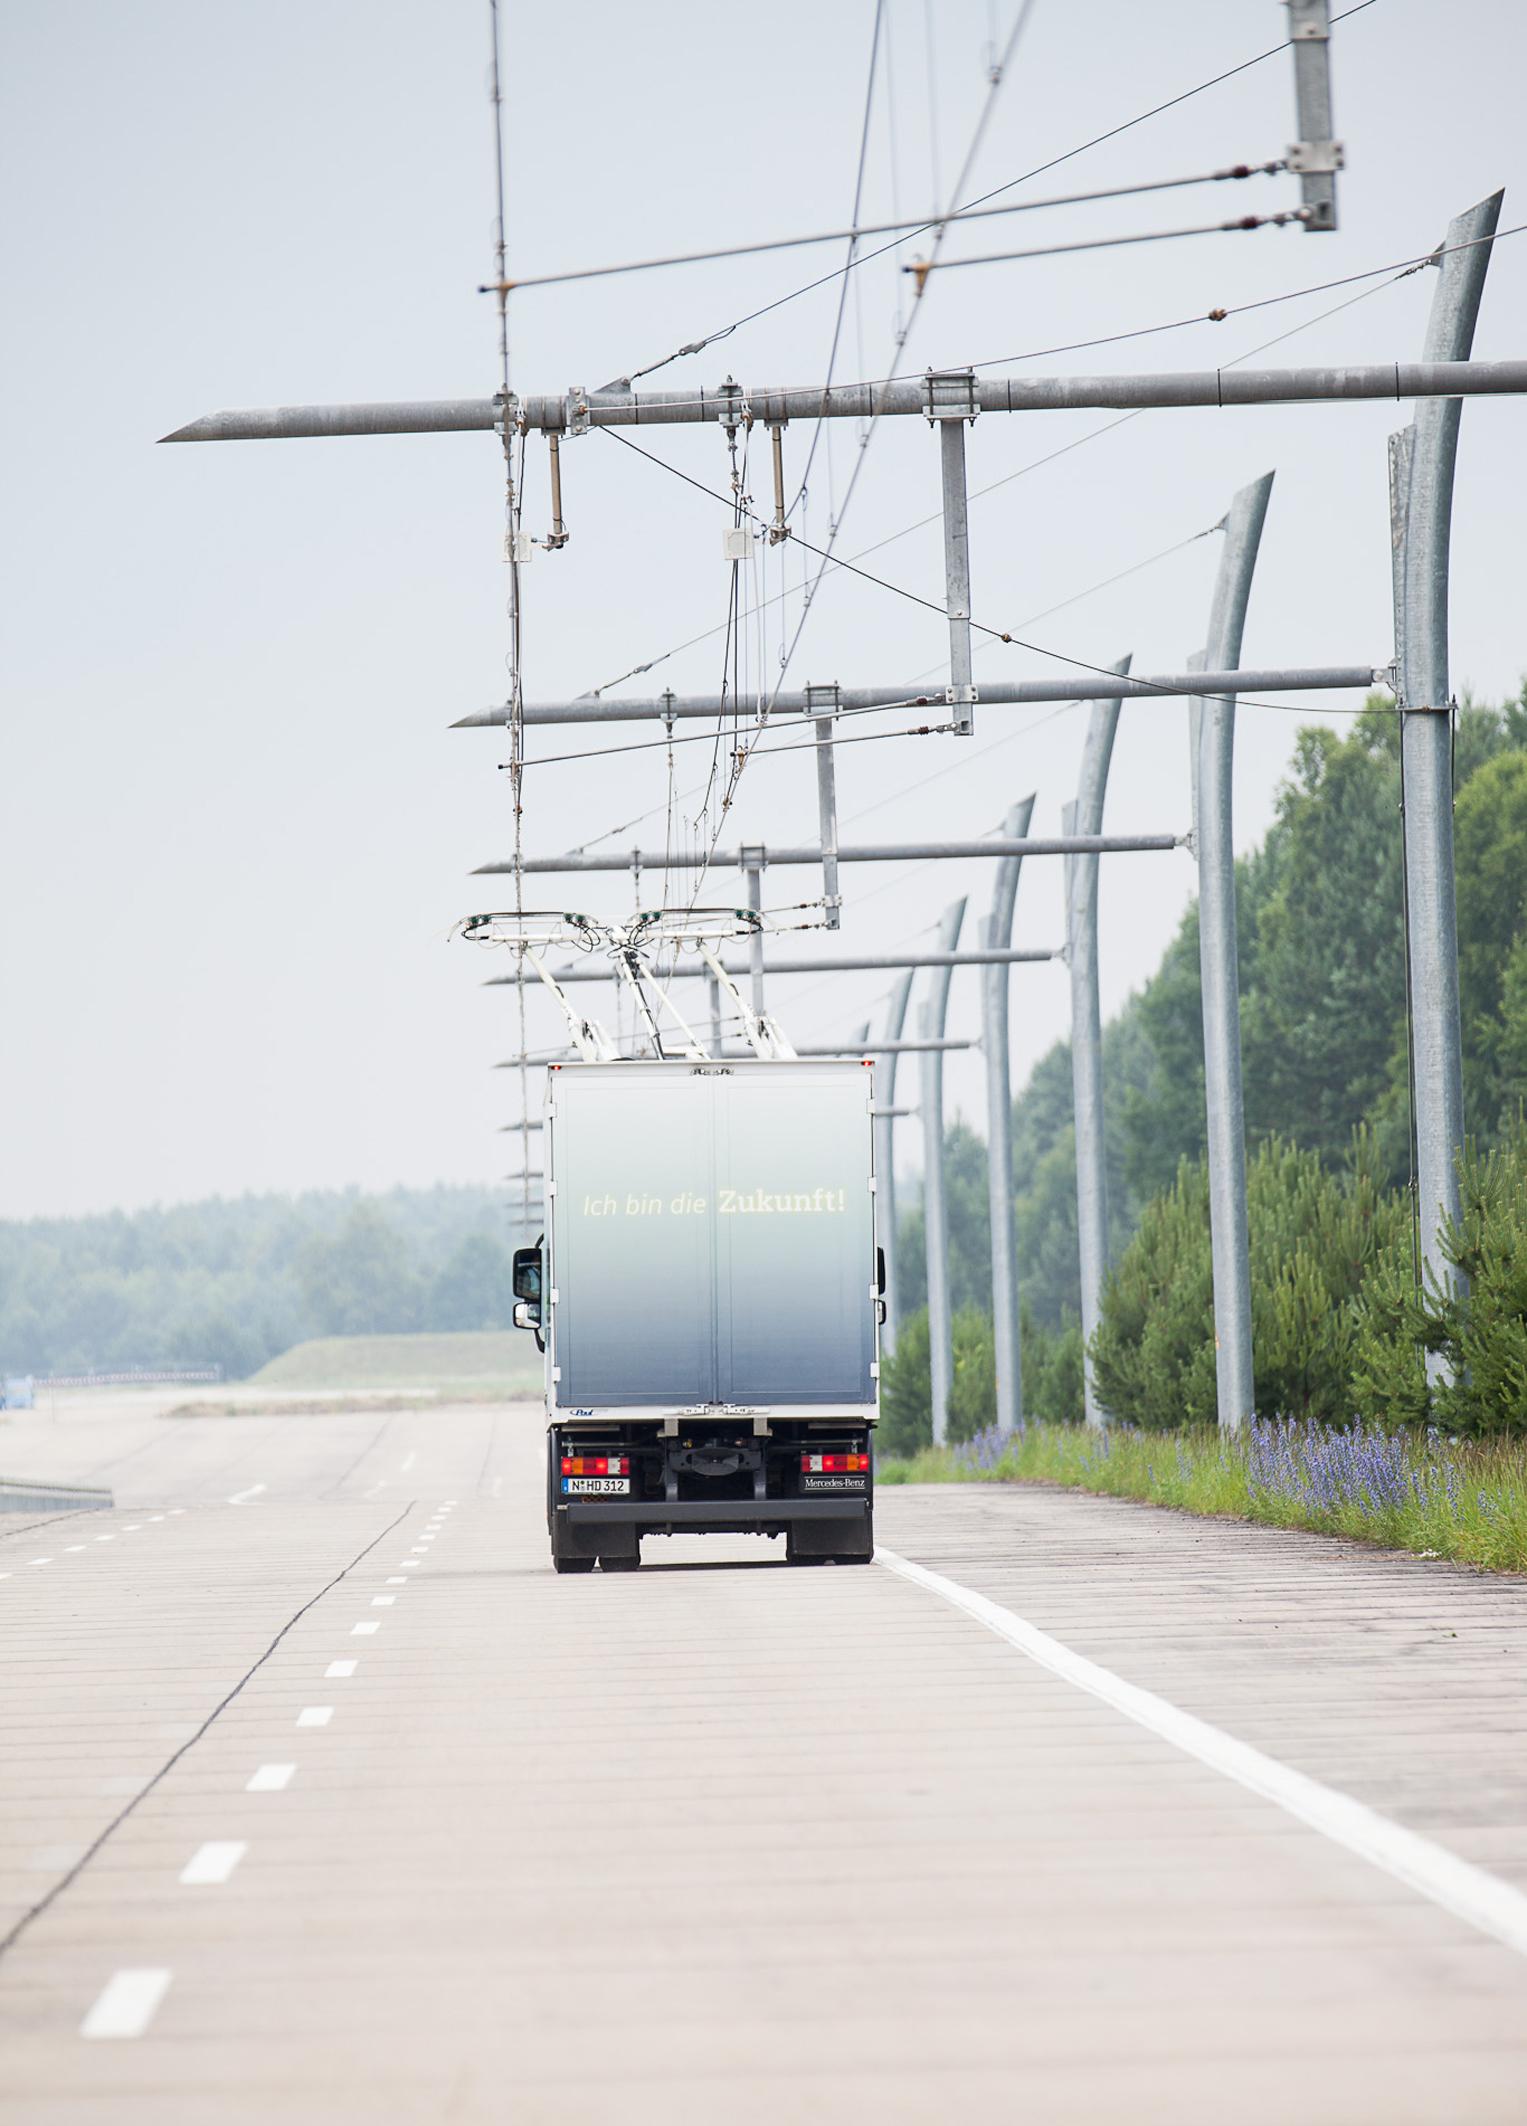 So sieht ein eHighway aus: spezielle Lastwagen mit Stromabnehmern können darauf dank Oberleitungen während der Fahrt ihre Batterien aufladen. (Bild: Siemens)